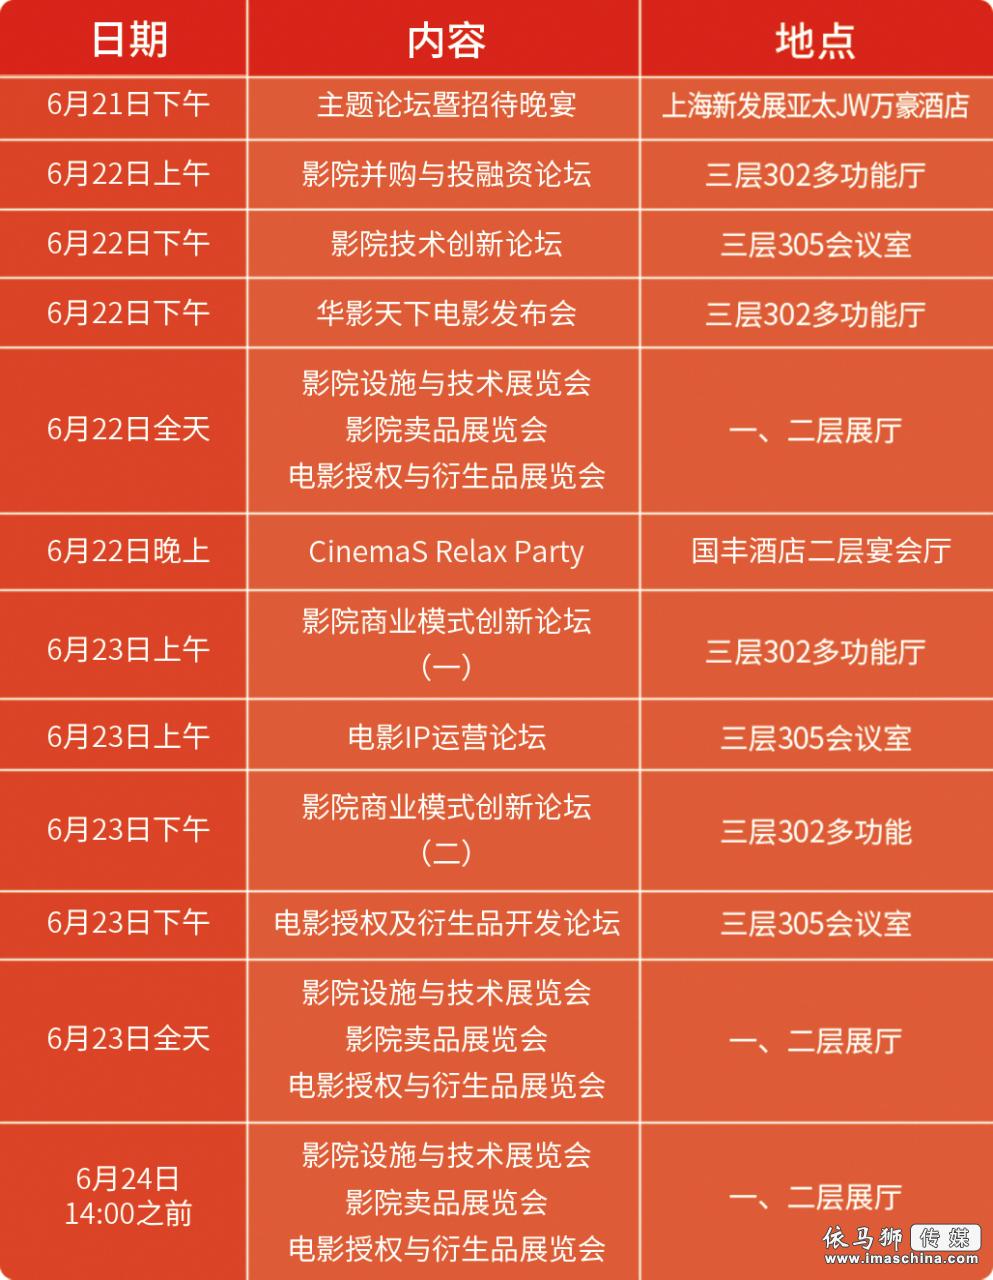 聚焦CinemaS 2017十大议题 - 电影中国 - 依马狮传媒旗下品牌